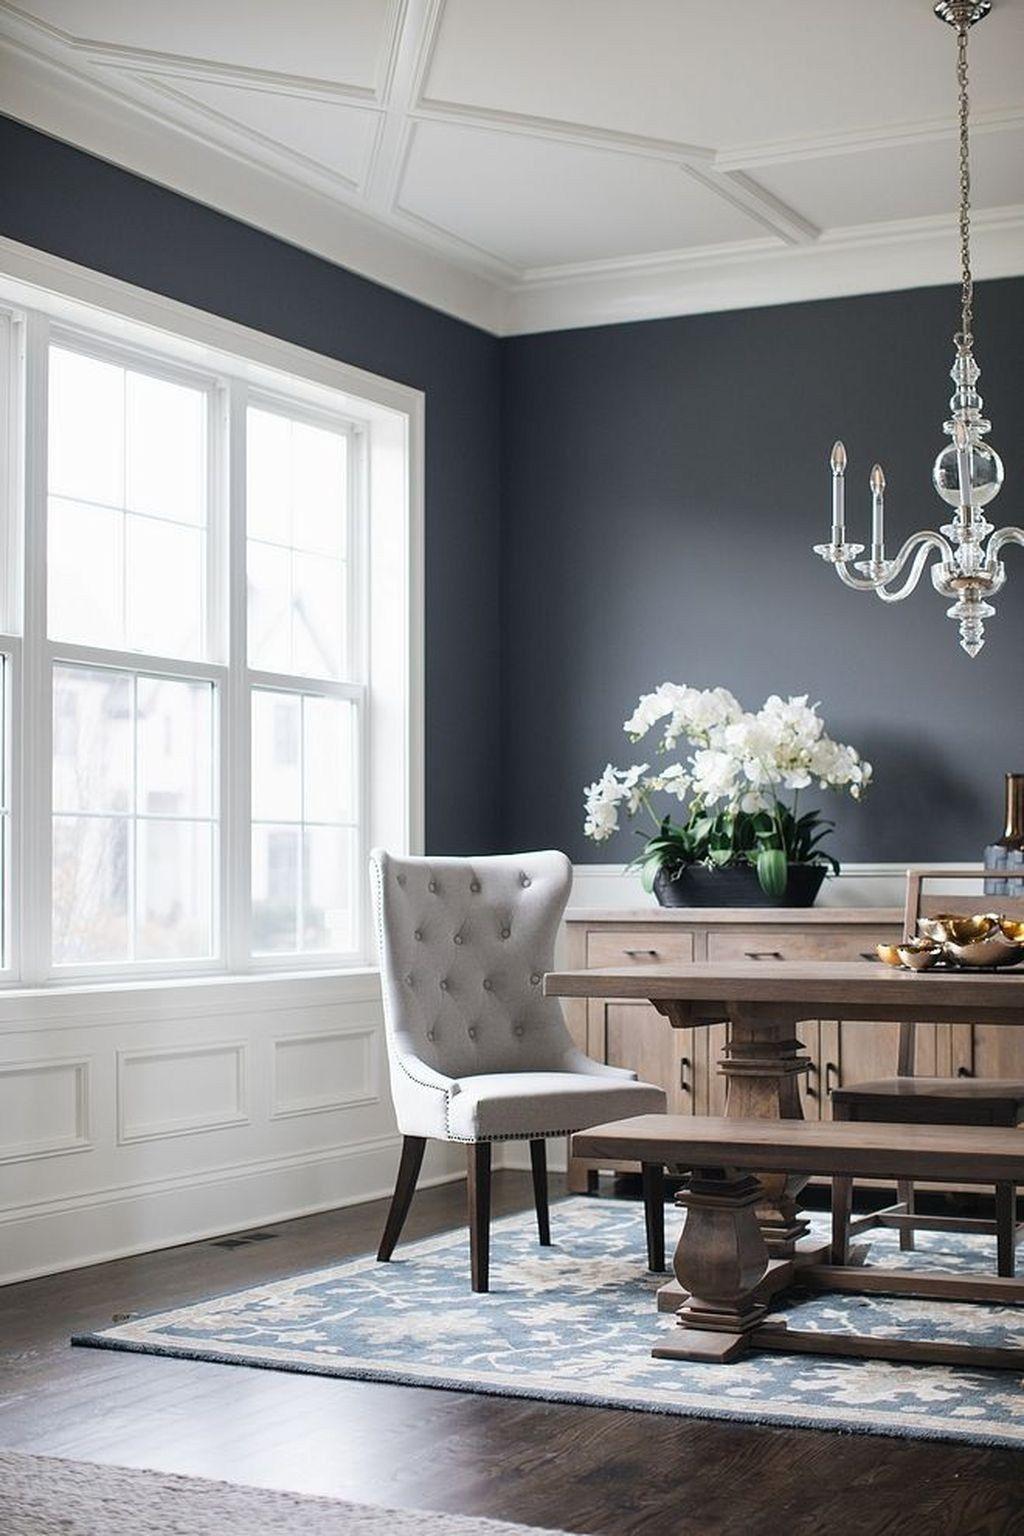 48 beautiful black living room ideas dining room colors on living room color ideas id=24661